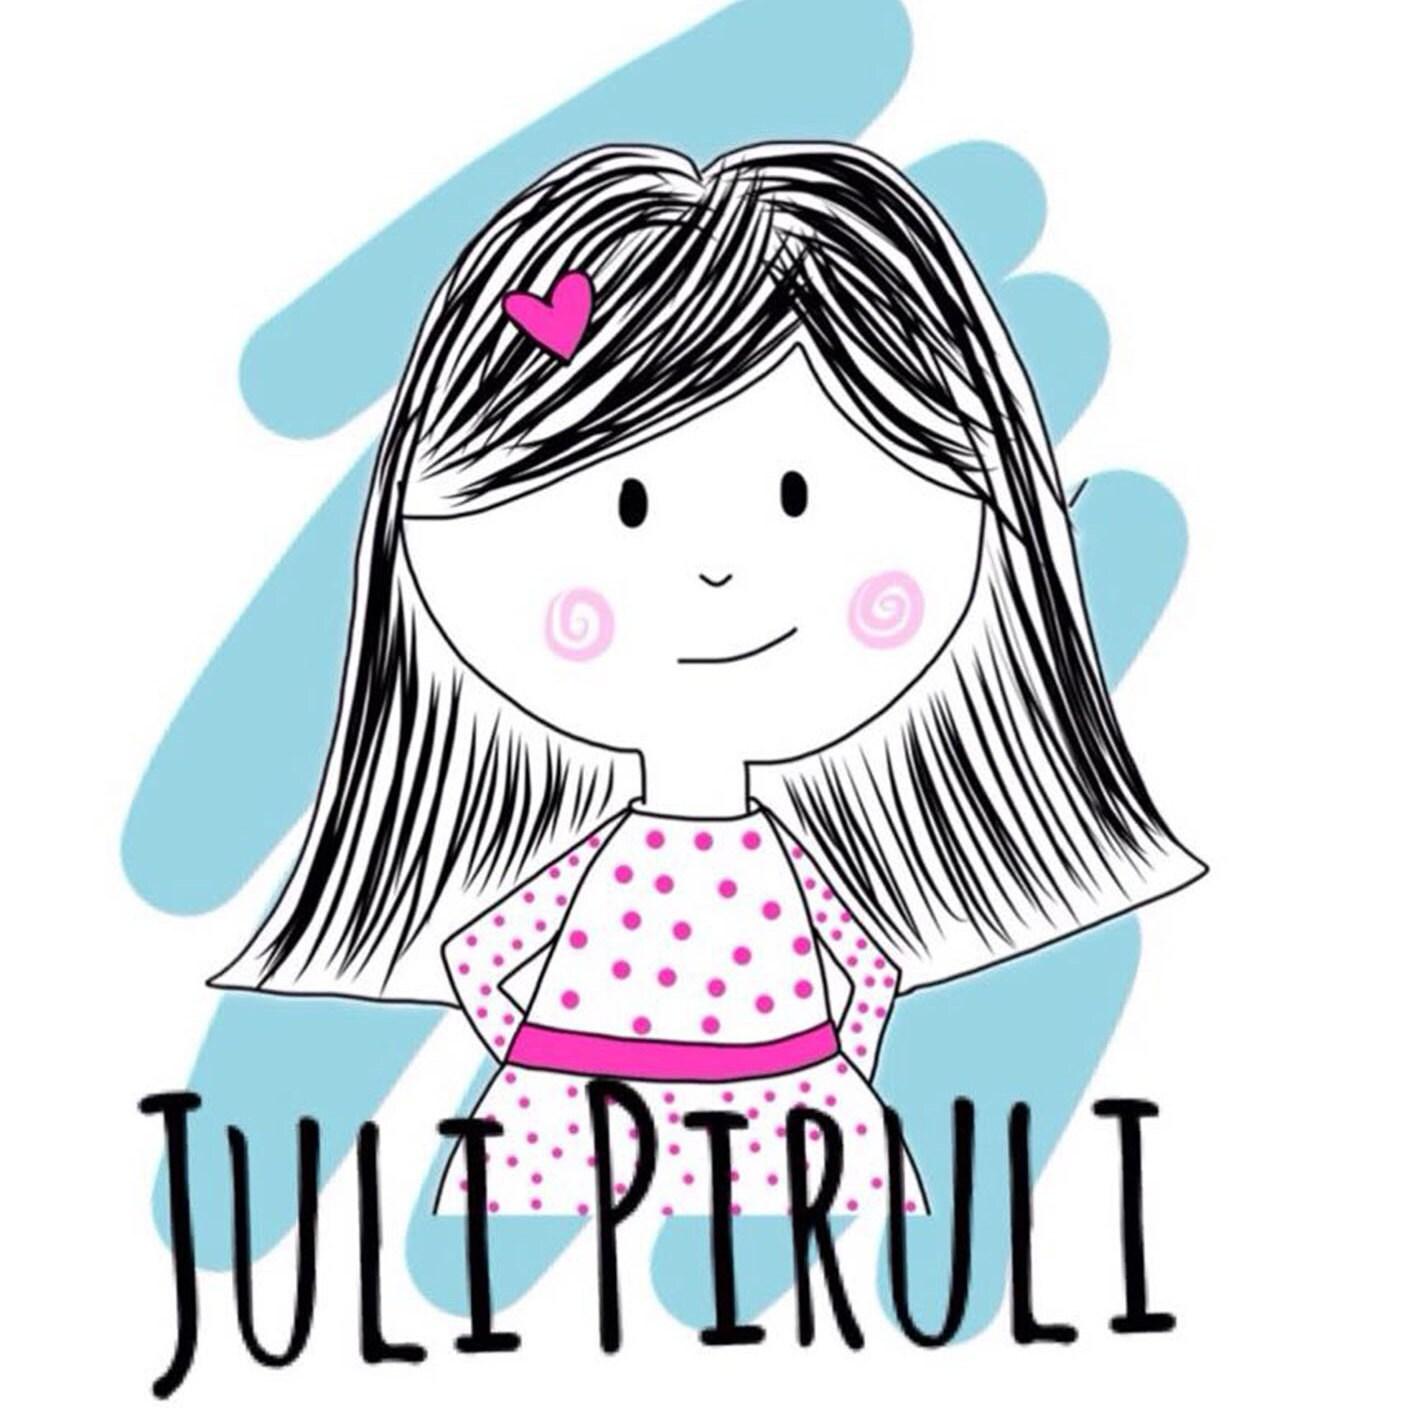 c795fa1647 Prácticos productos para niños by JuliPiruli on Etsy